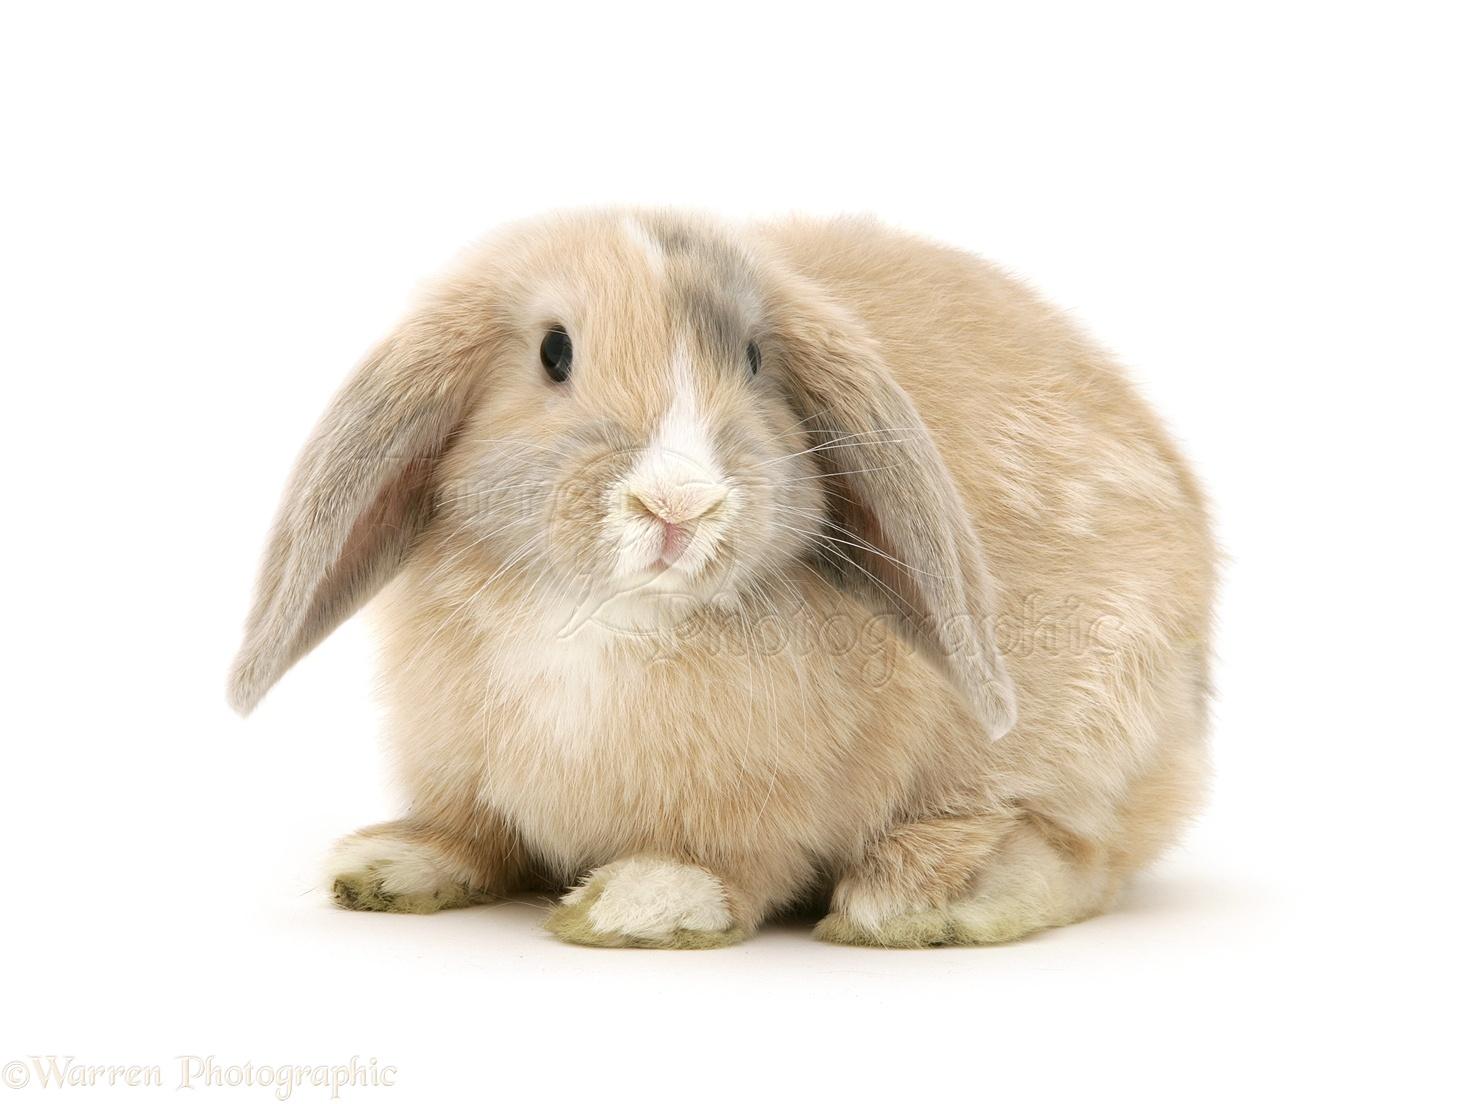 Dwarf lop rabbits - photo#3